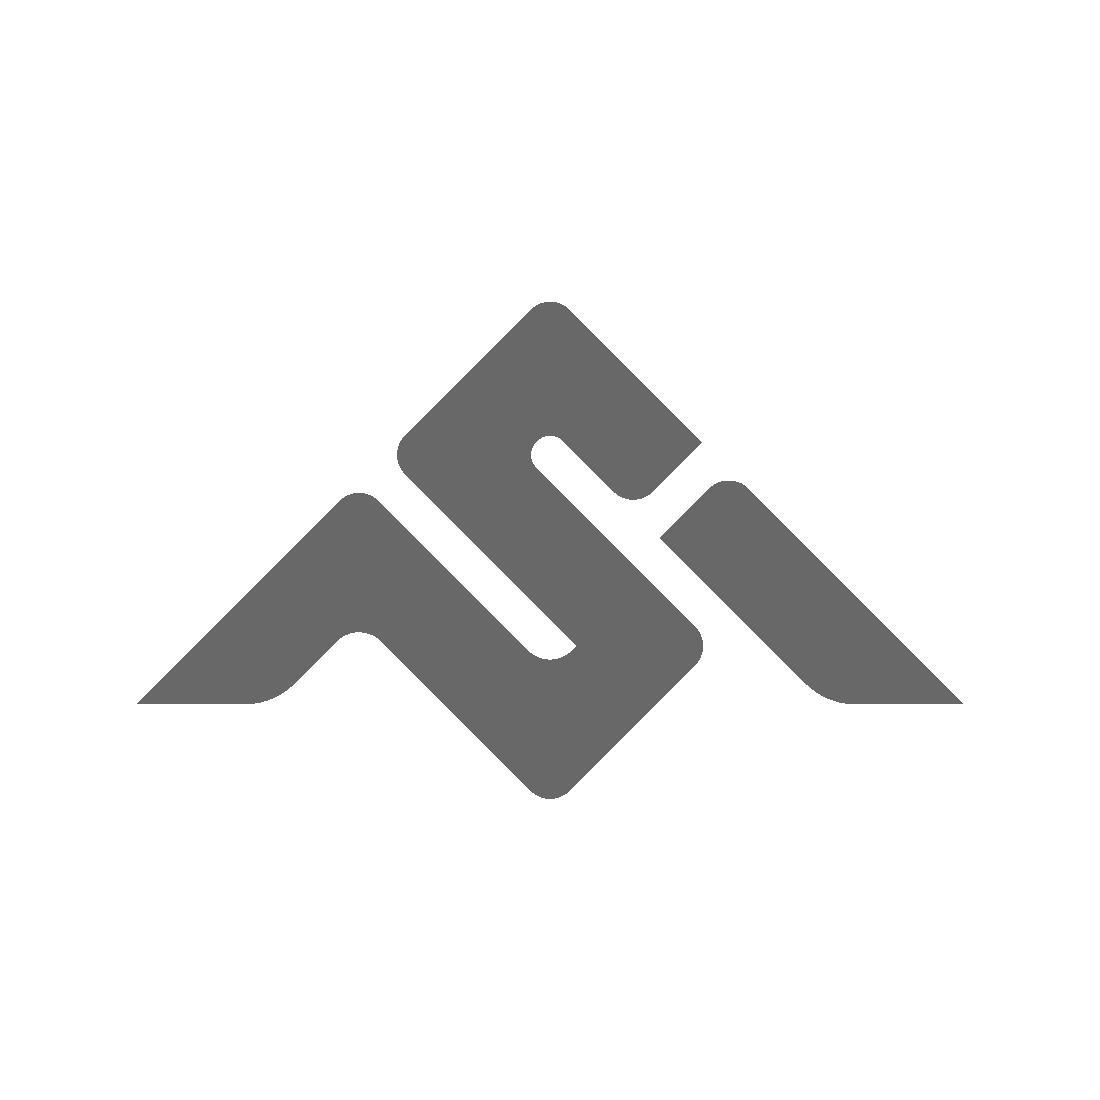 barres de toit souples howzit soft rack acheter accessories pour stand up paddle sportmania. Black Bedroom Furniture Sets. Home Design Ideas